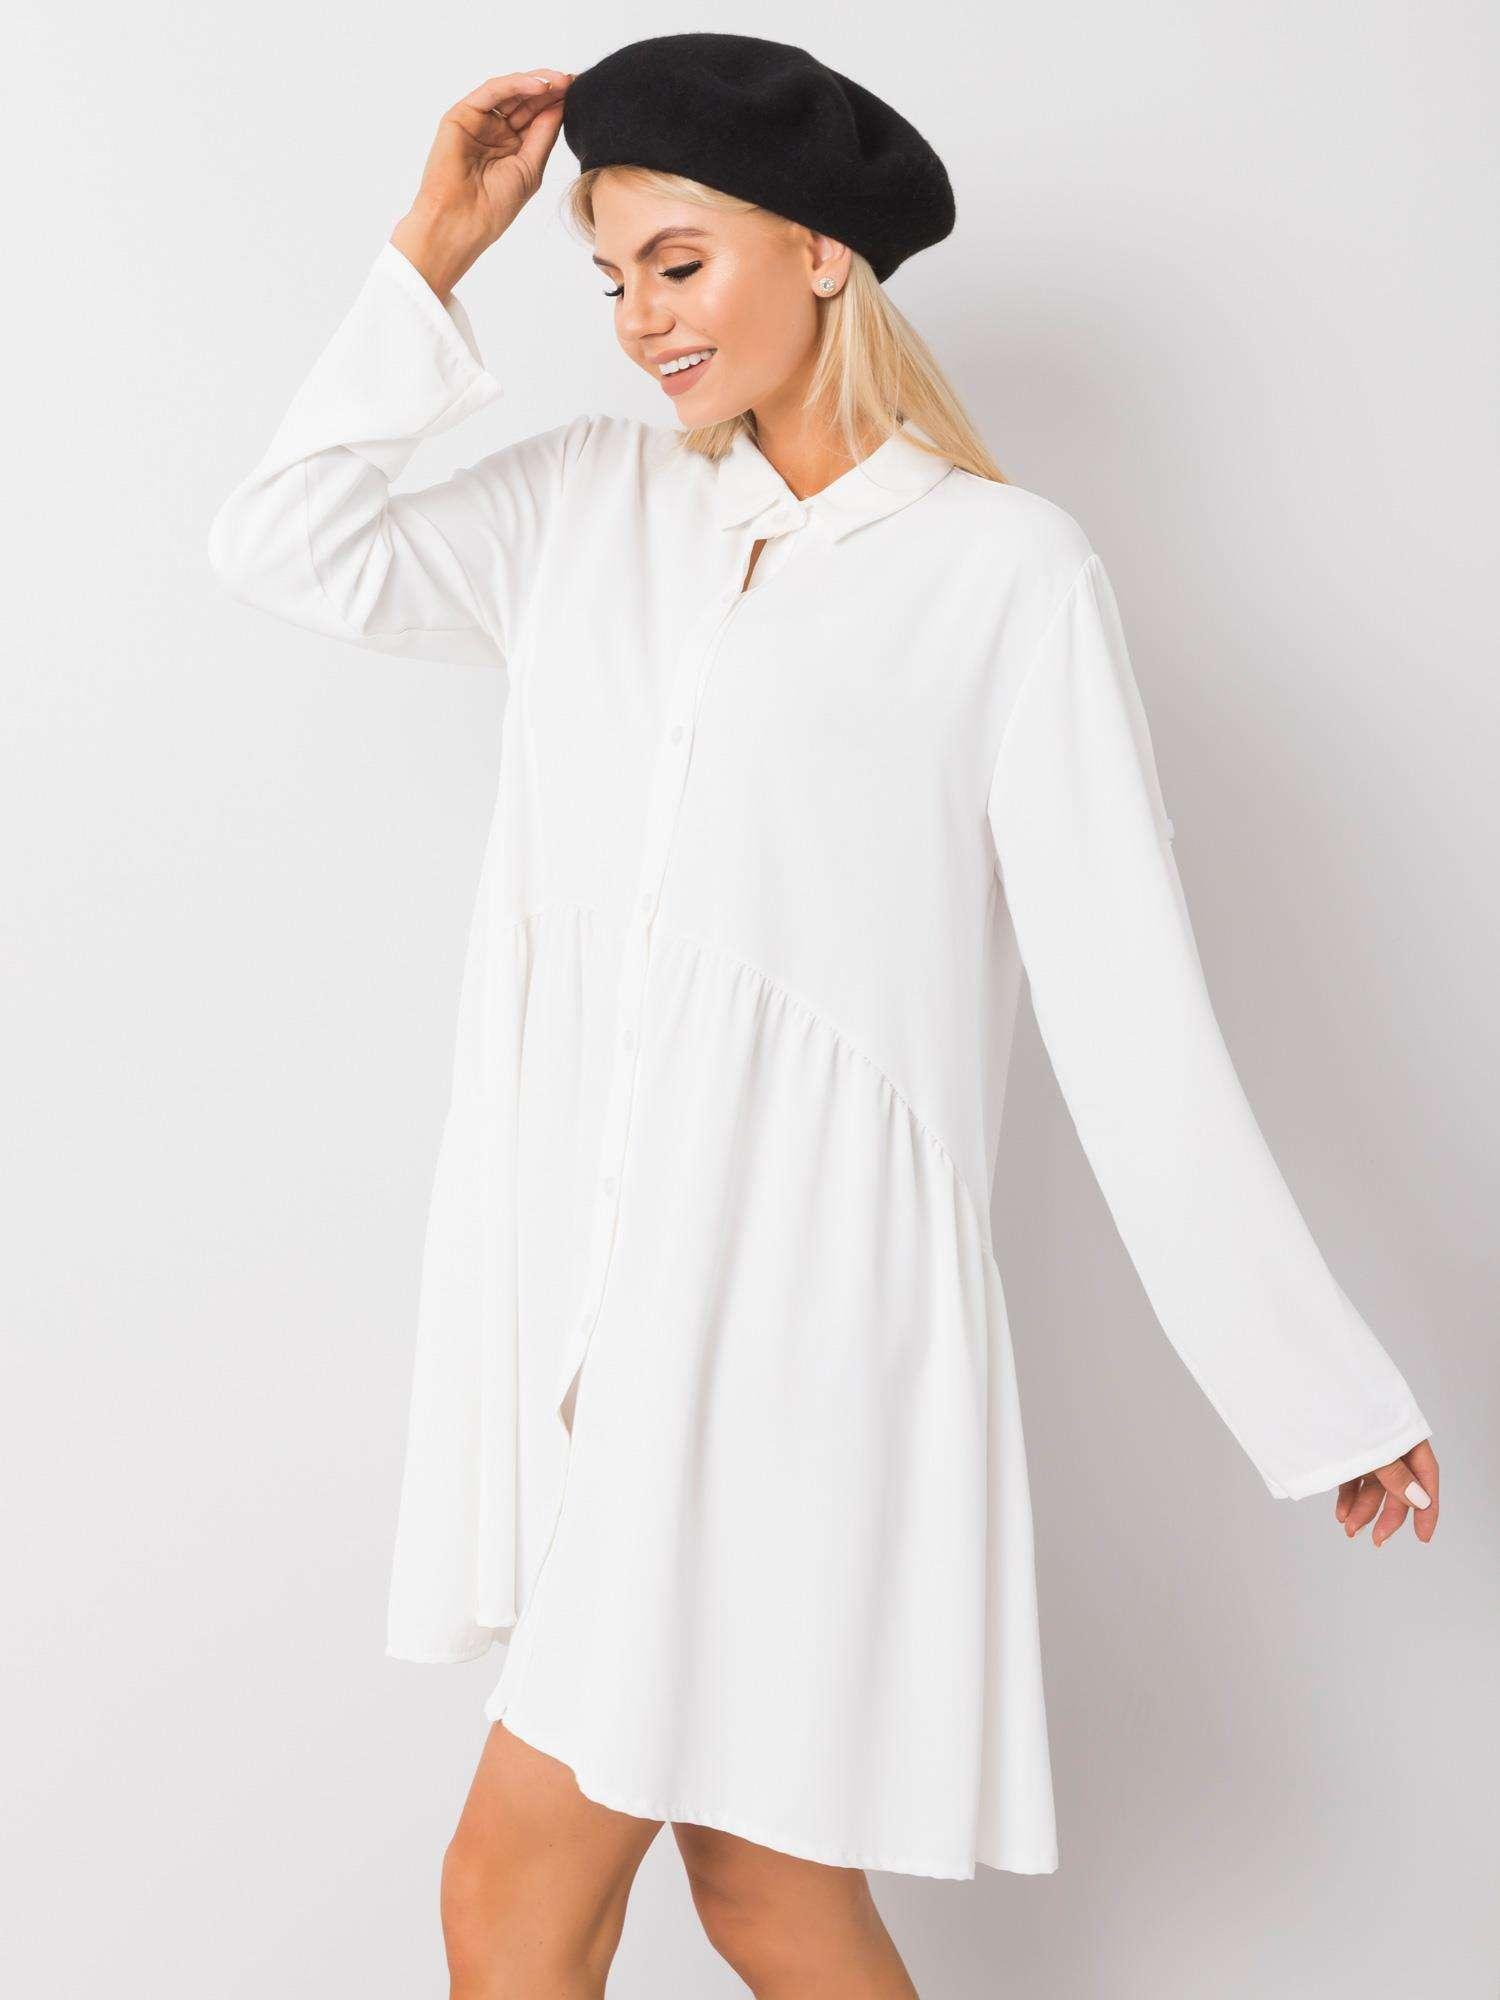 Minikleid in Weiß Seitenansicht